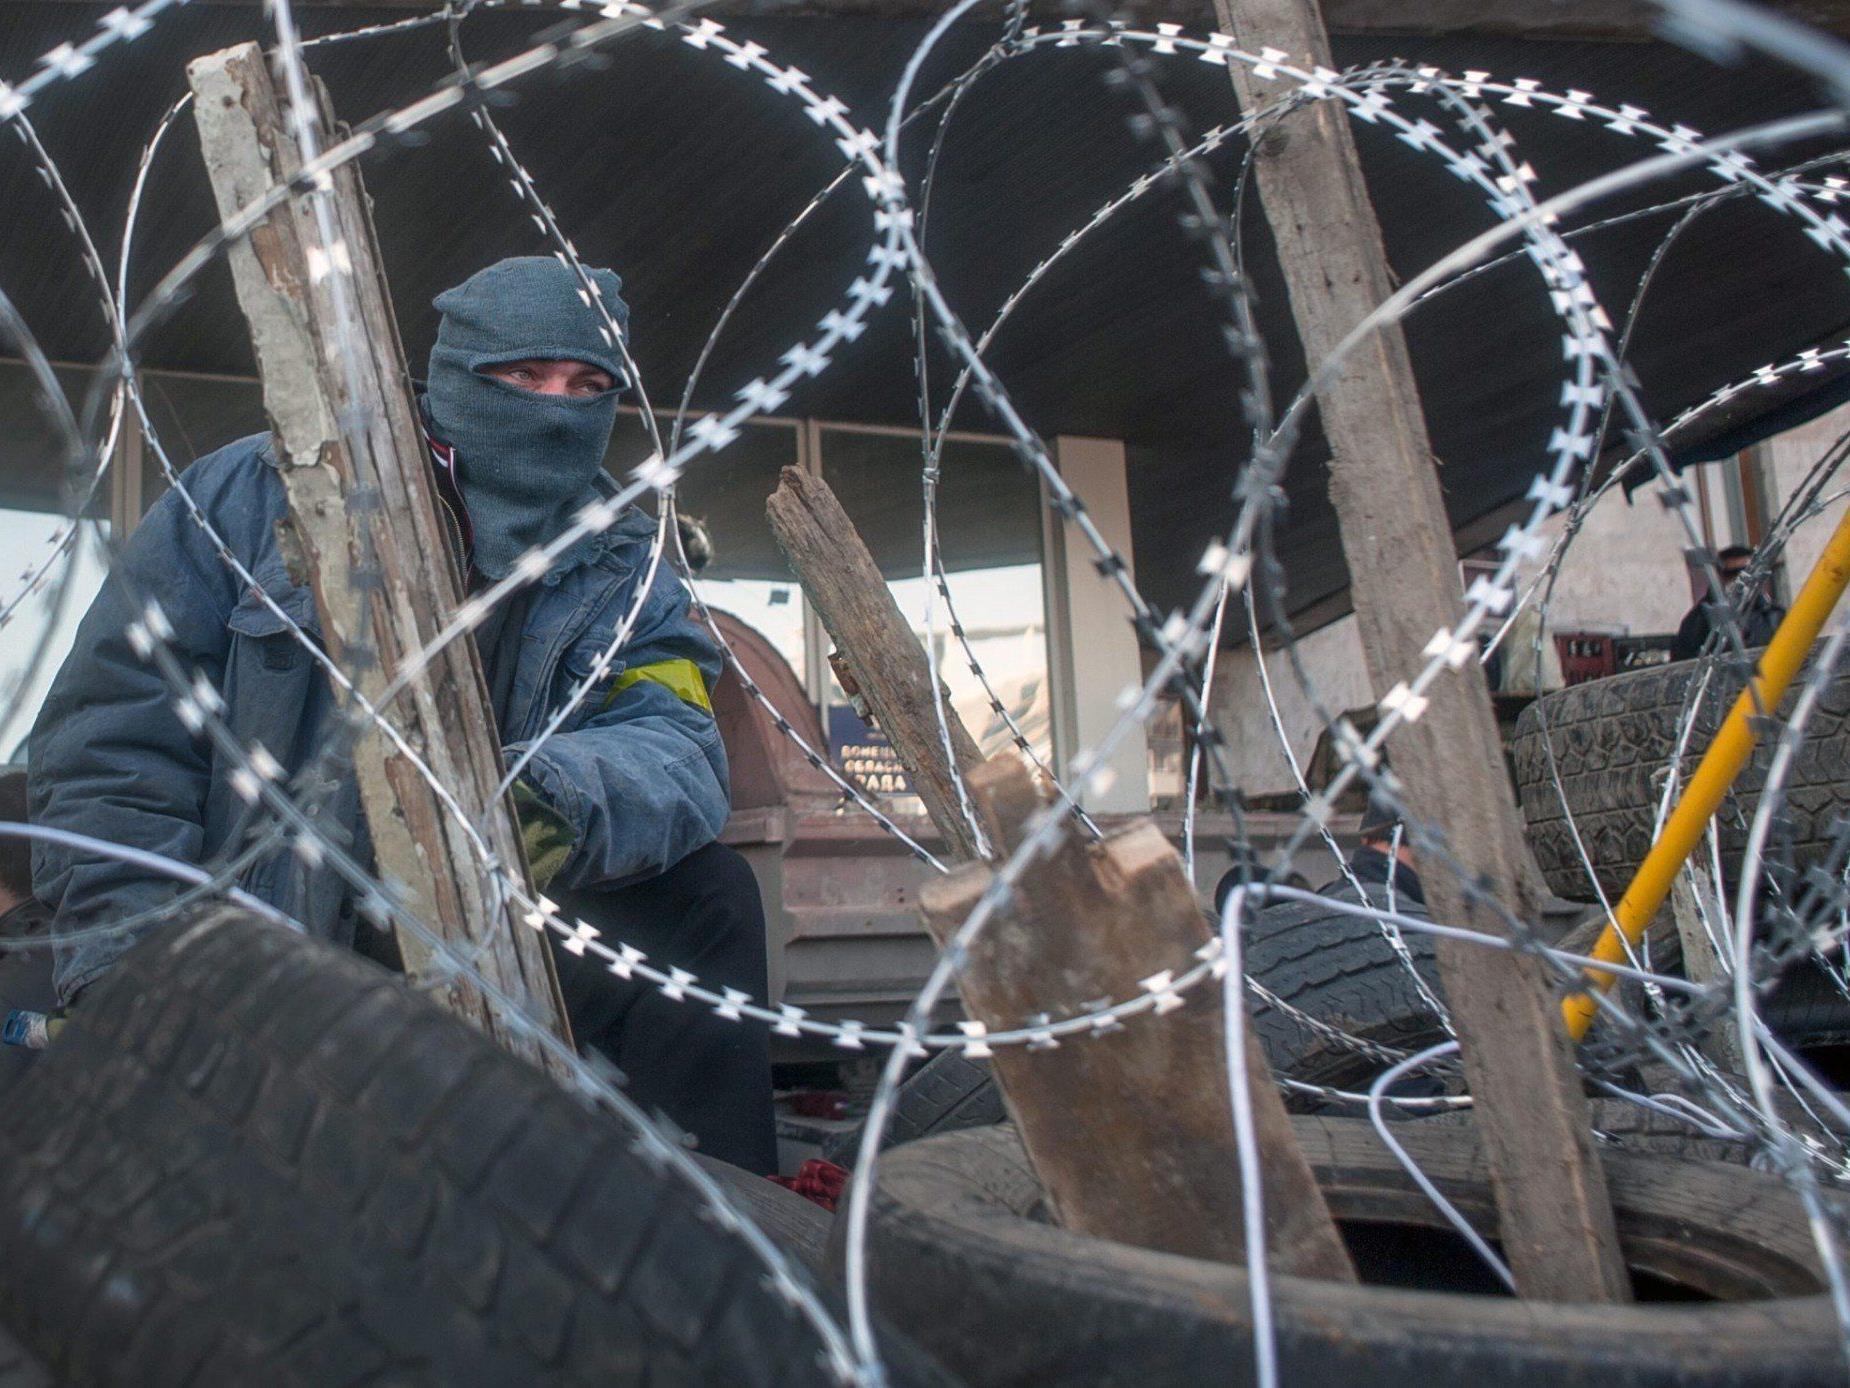 Vierergespräche sollen Lösung der Ukraine-Krise ermöglichen - im Bild: Proteste in Donezk.